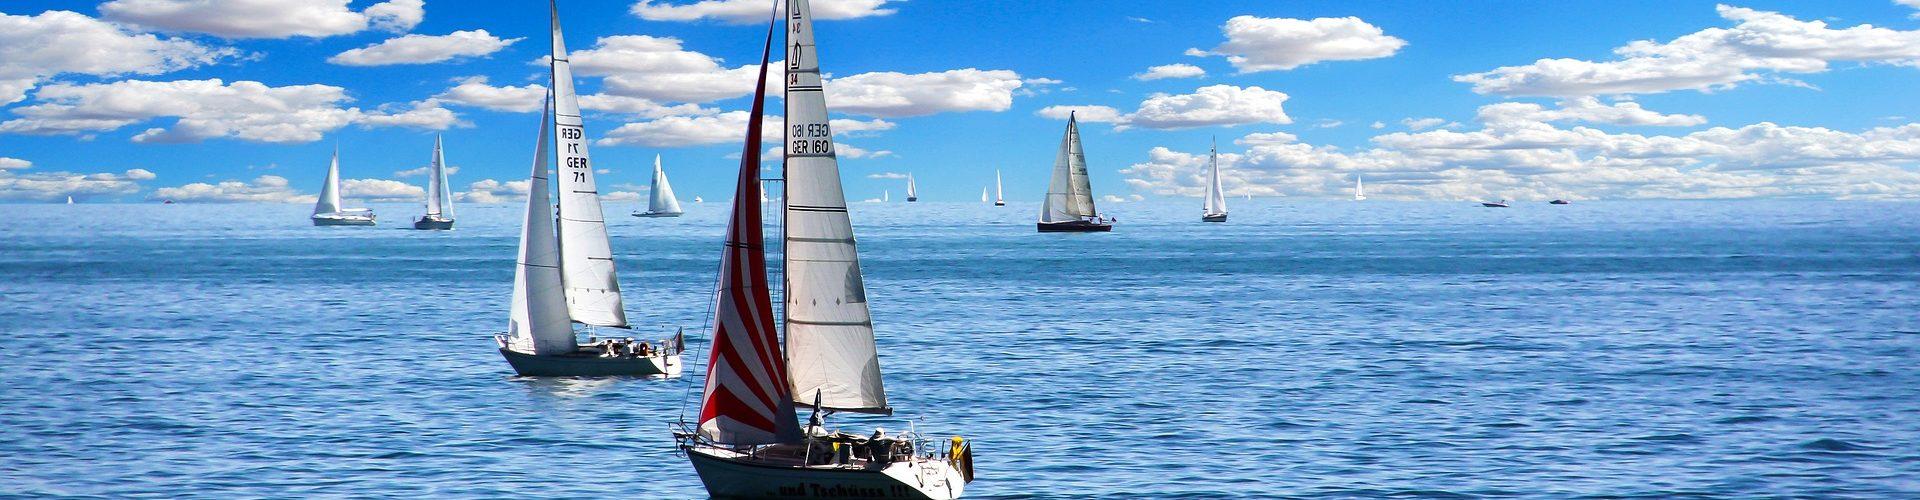 segeln lernen in Salzkotten segelschein machen in Salzkotten 1920x500 - Segeln lernen in Salzkotten